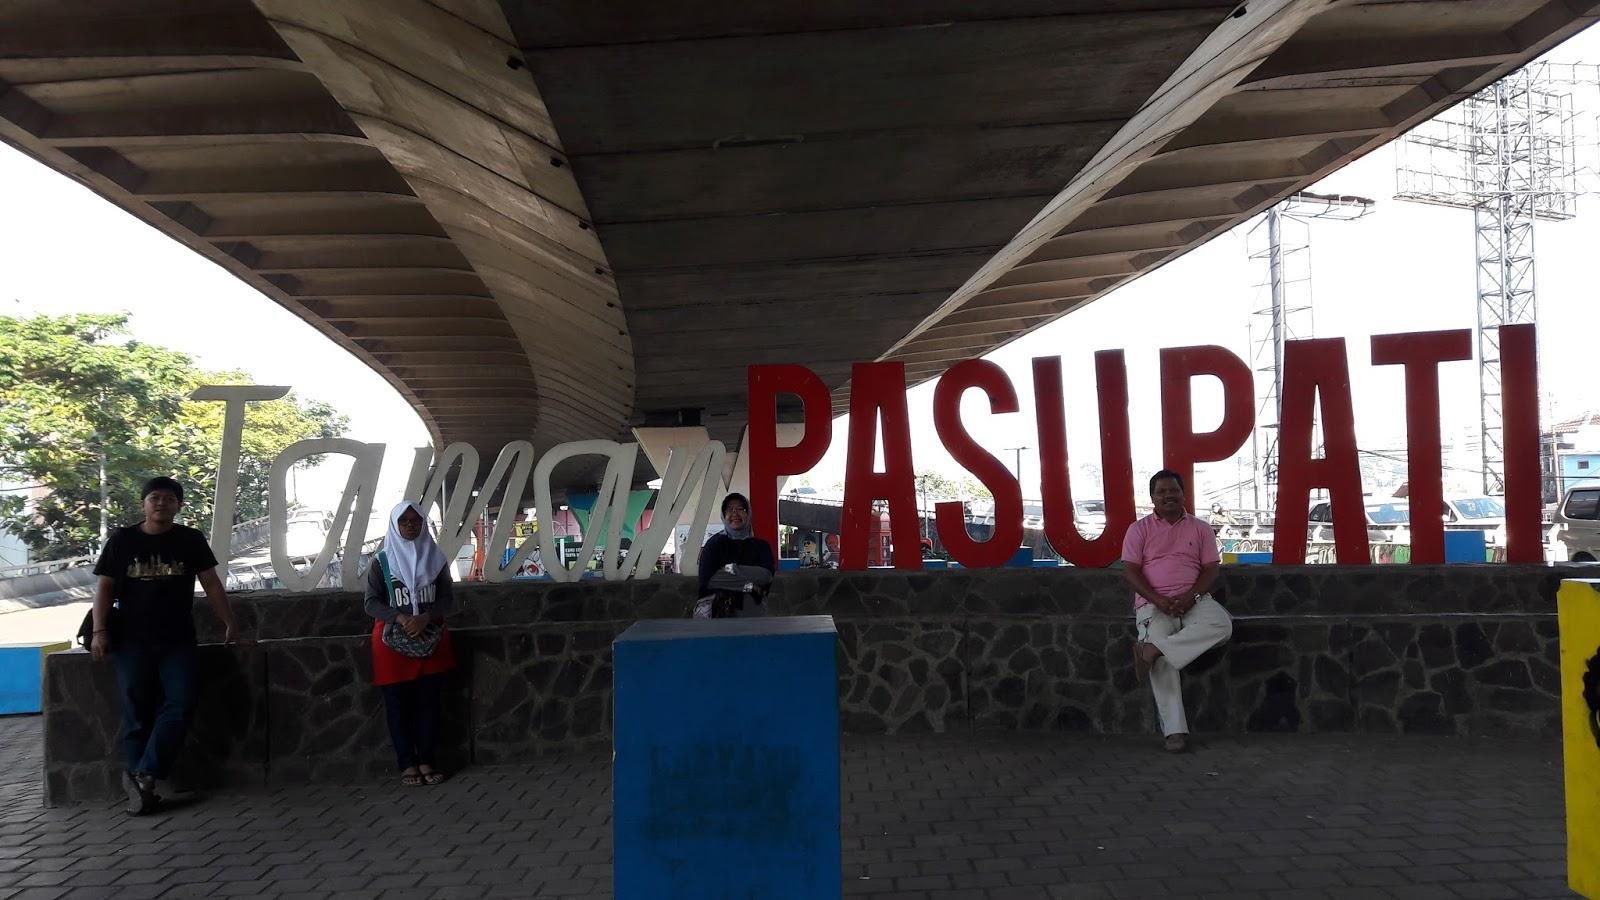 Jelajah Indonesia Maret 2017 Salah Satu Taman Kota Bandung Pasupati